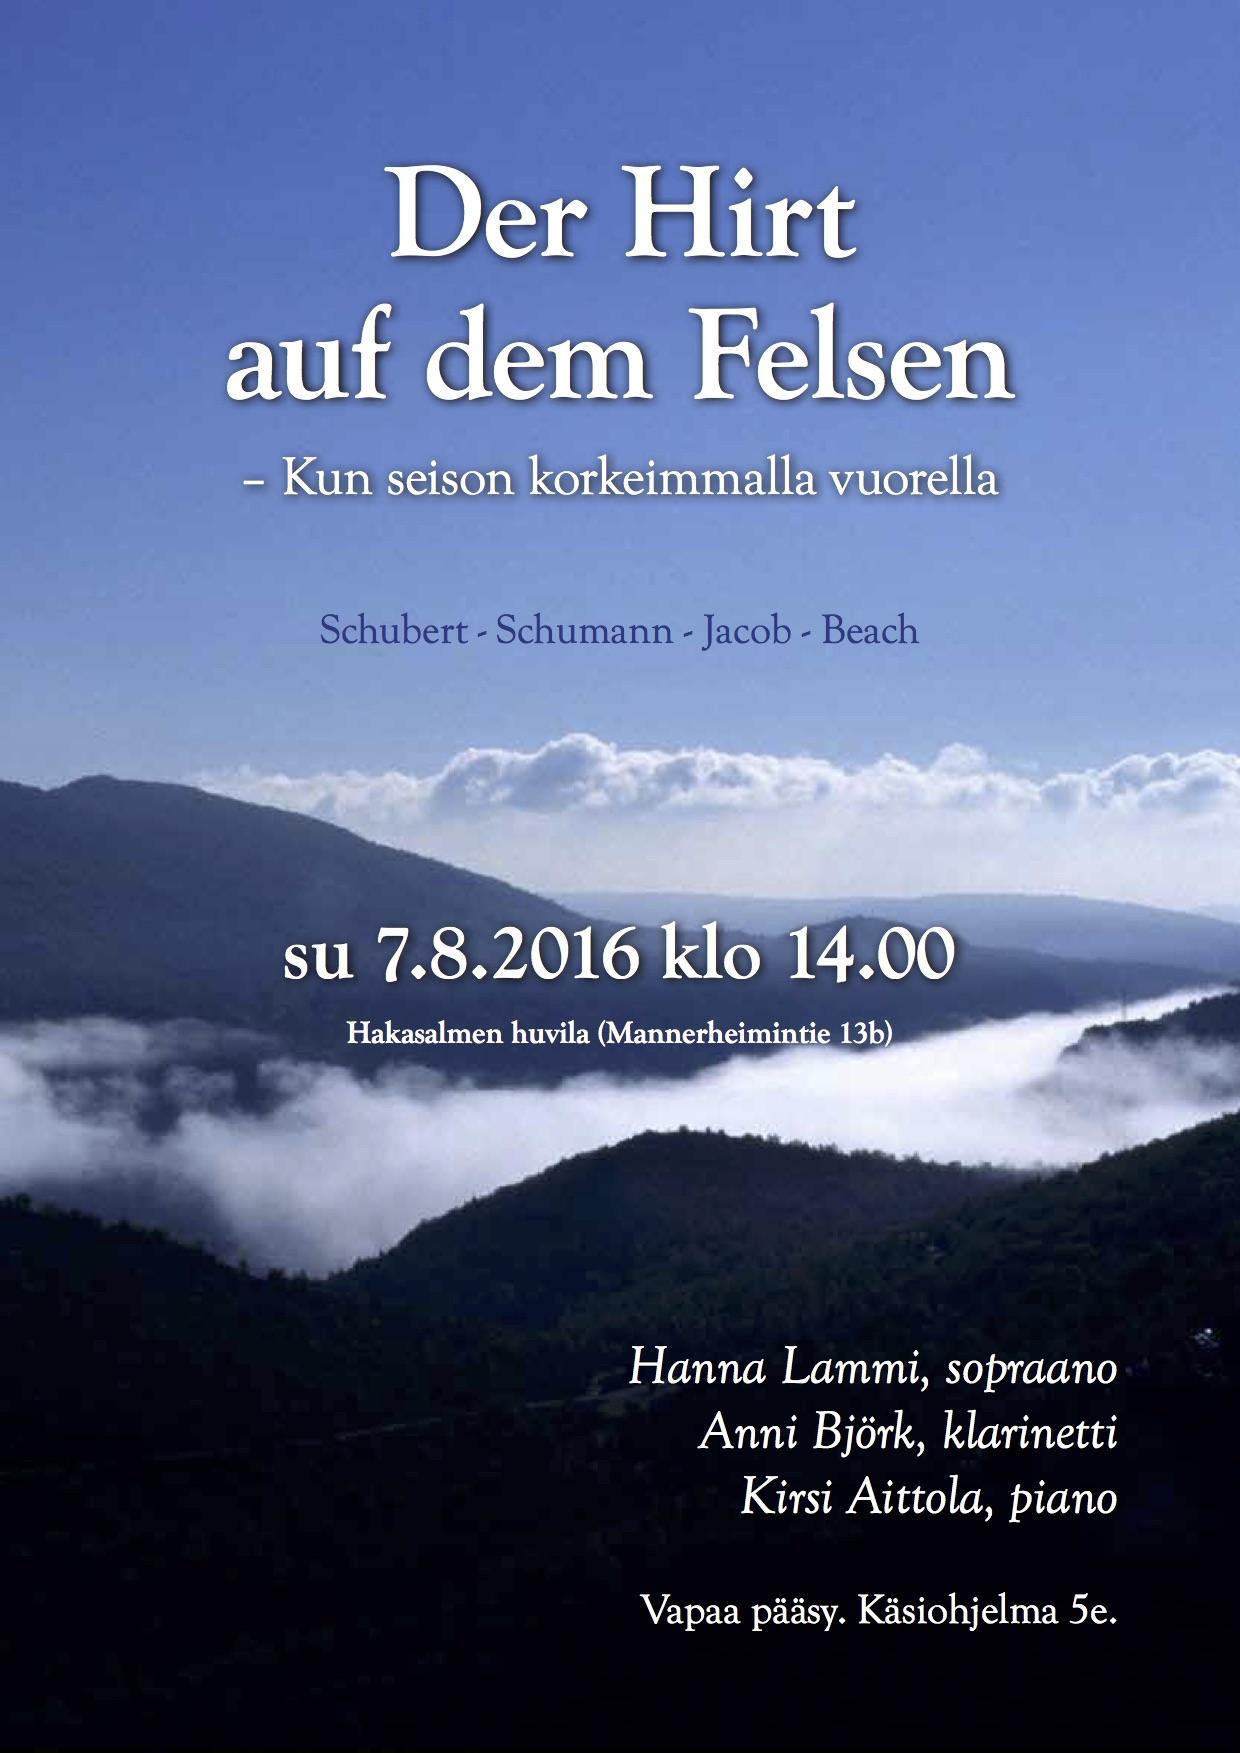 Der Hirt auf Dem Felsen - Kun seison korkeimalla vuorella 7.8.2016